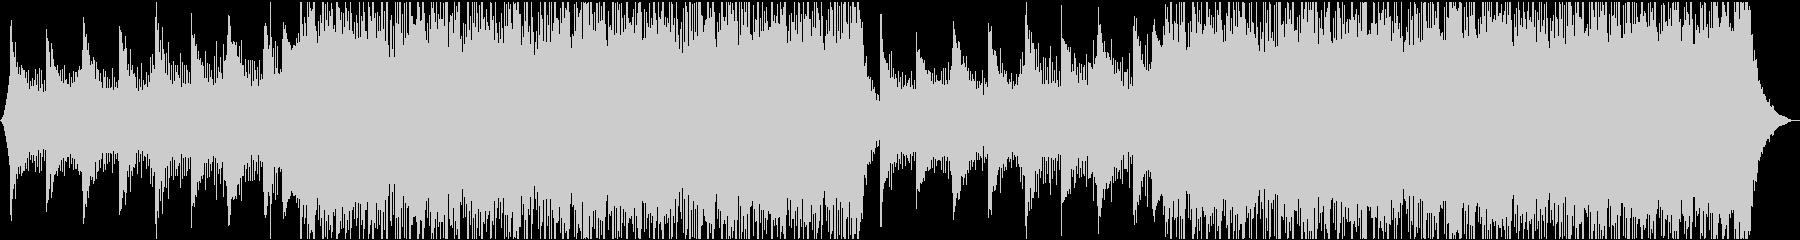 テクノロジーアーバンタイムラプスの未再生の波形